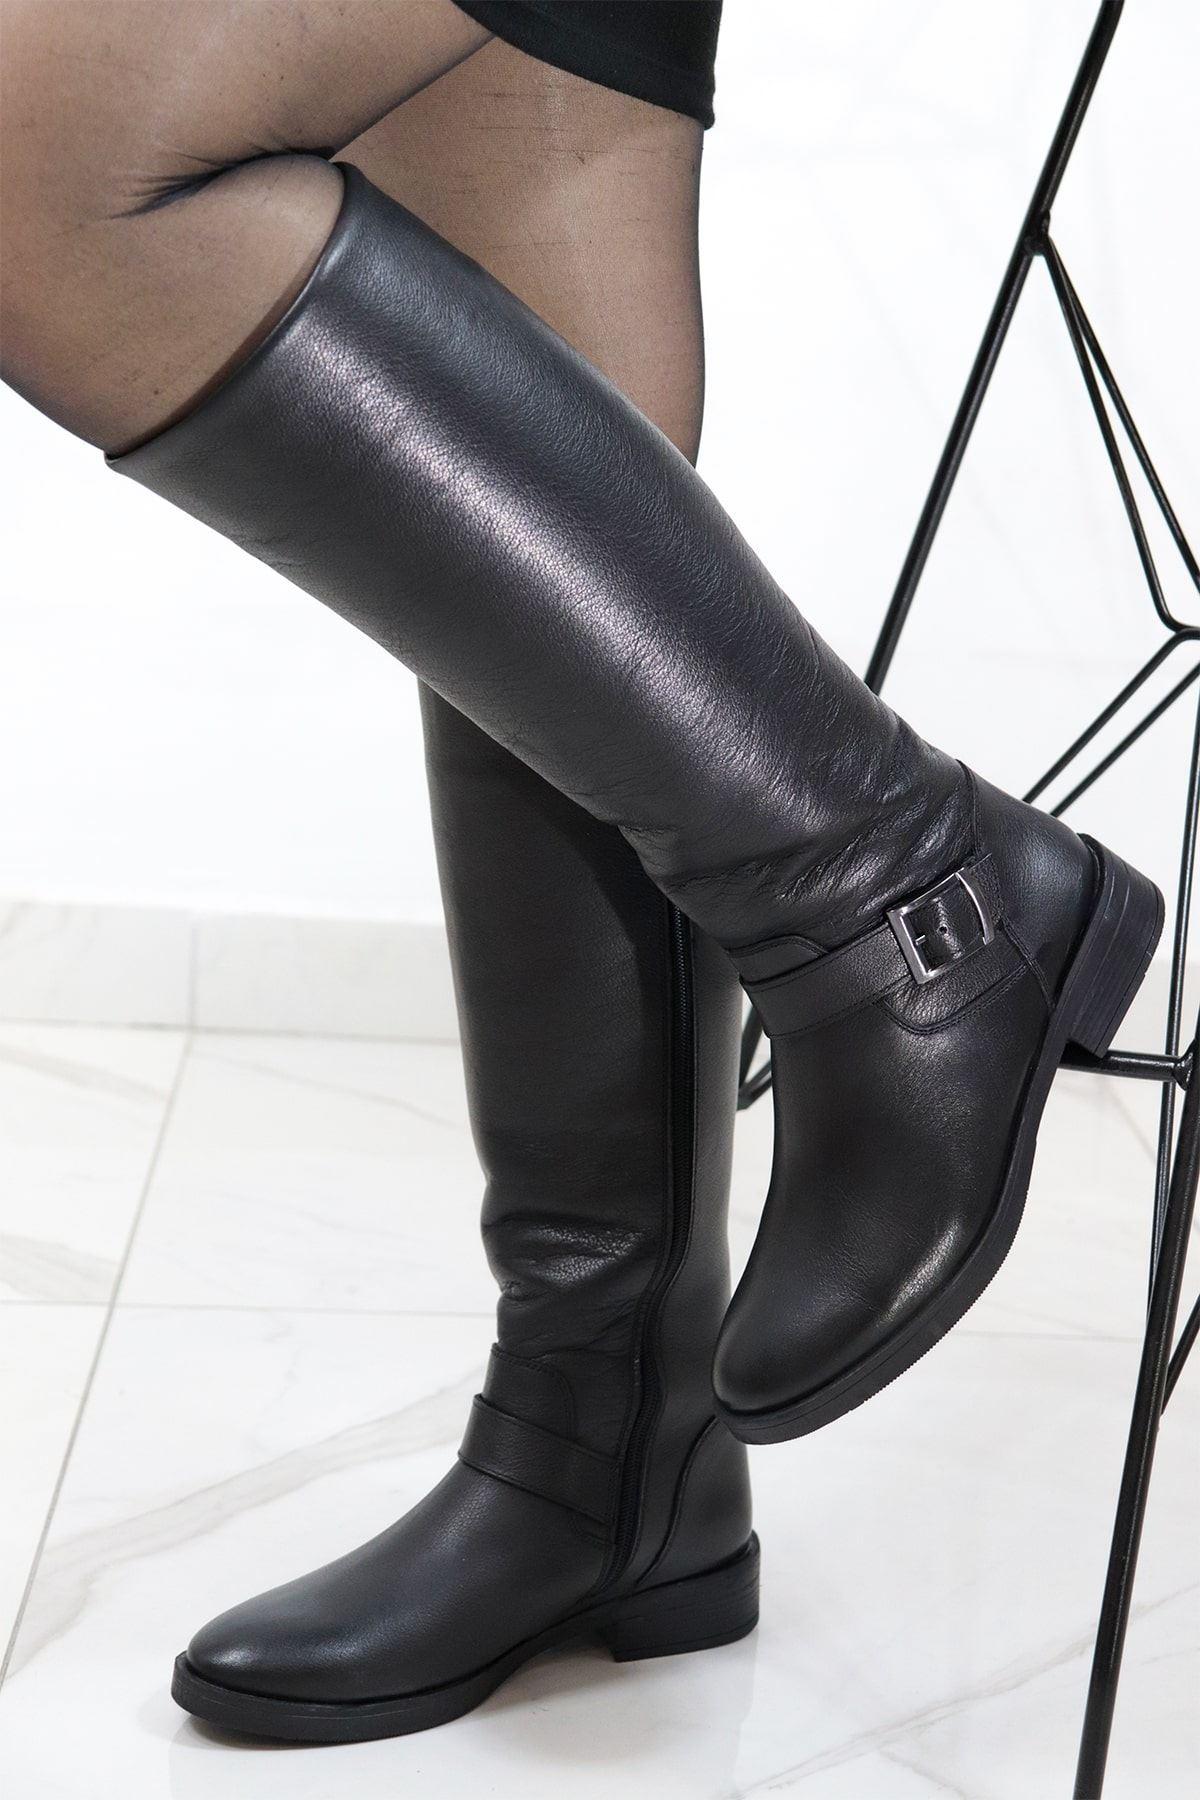 Castle Black - 21900-1 Hakiki Deri Siyah Kadın Çizme